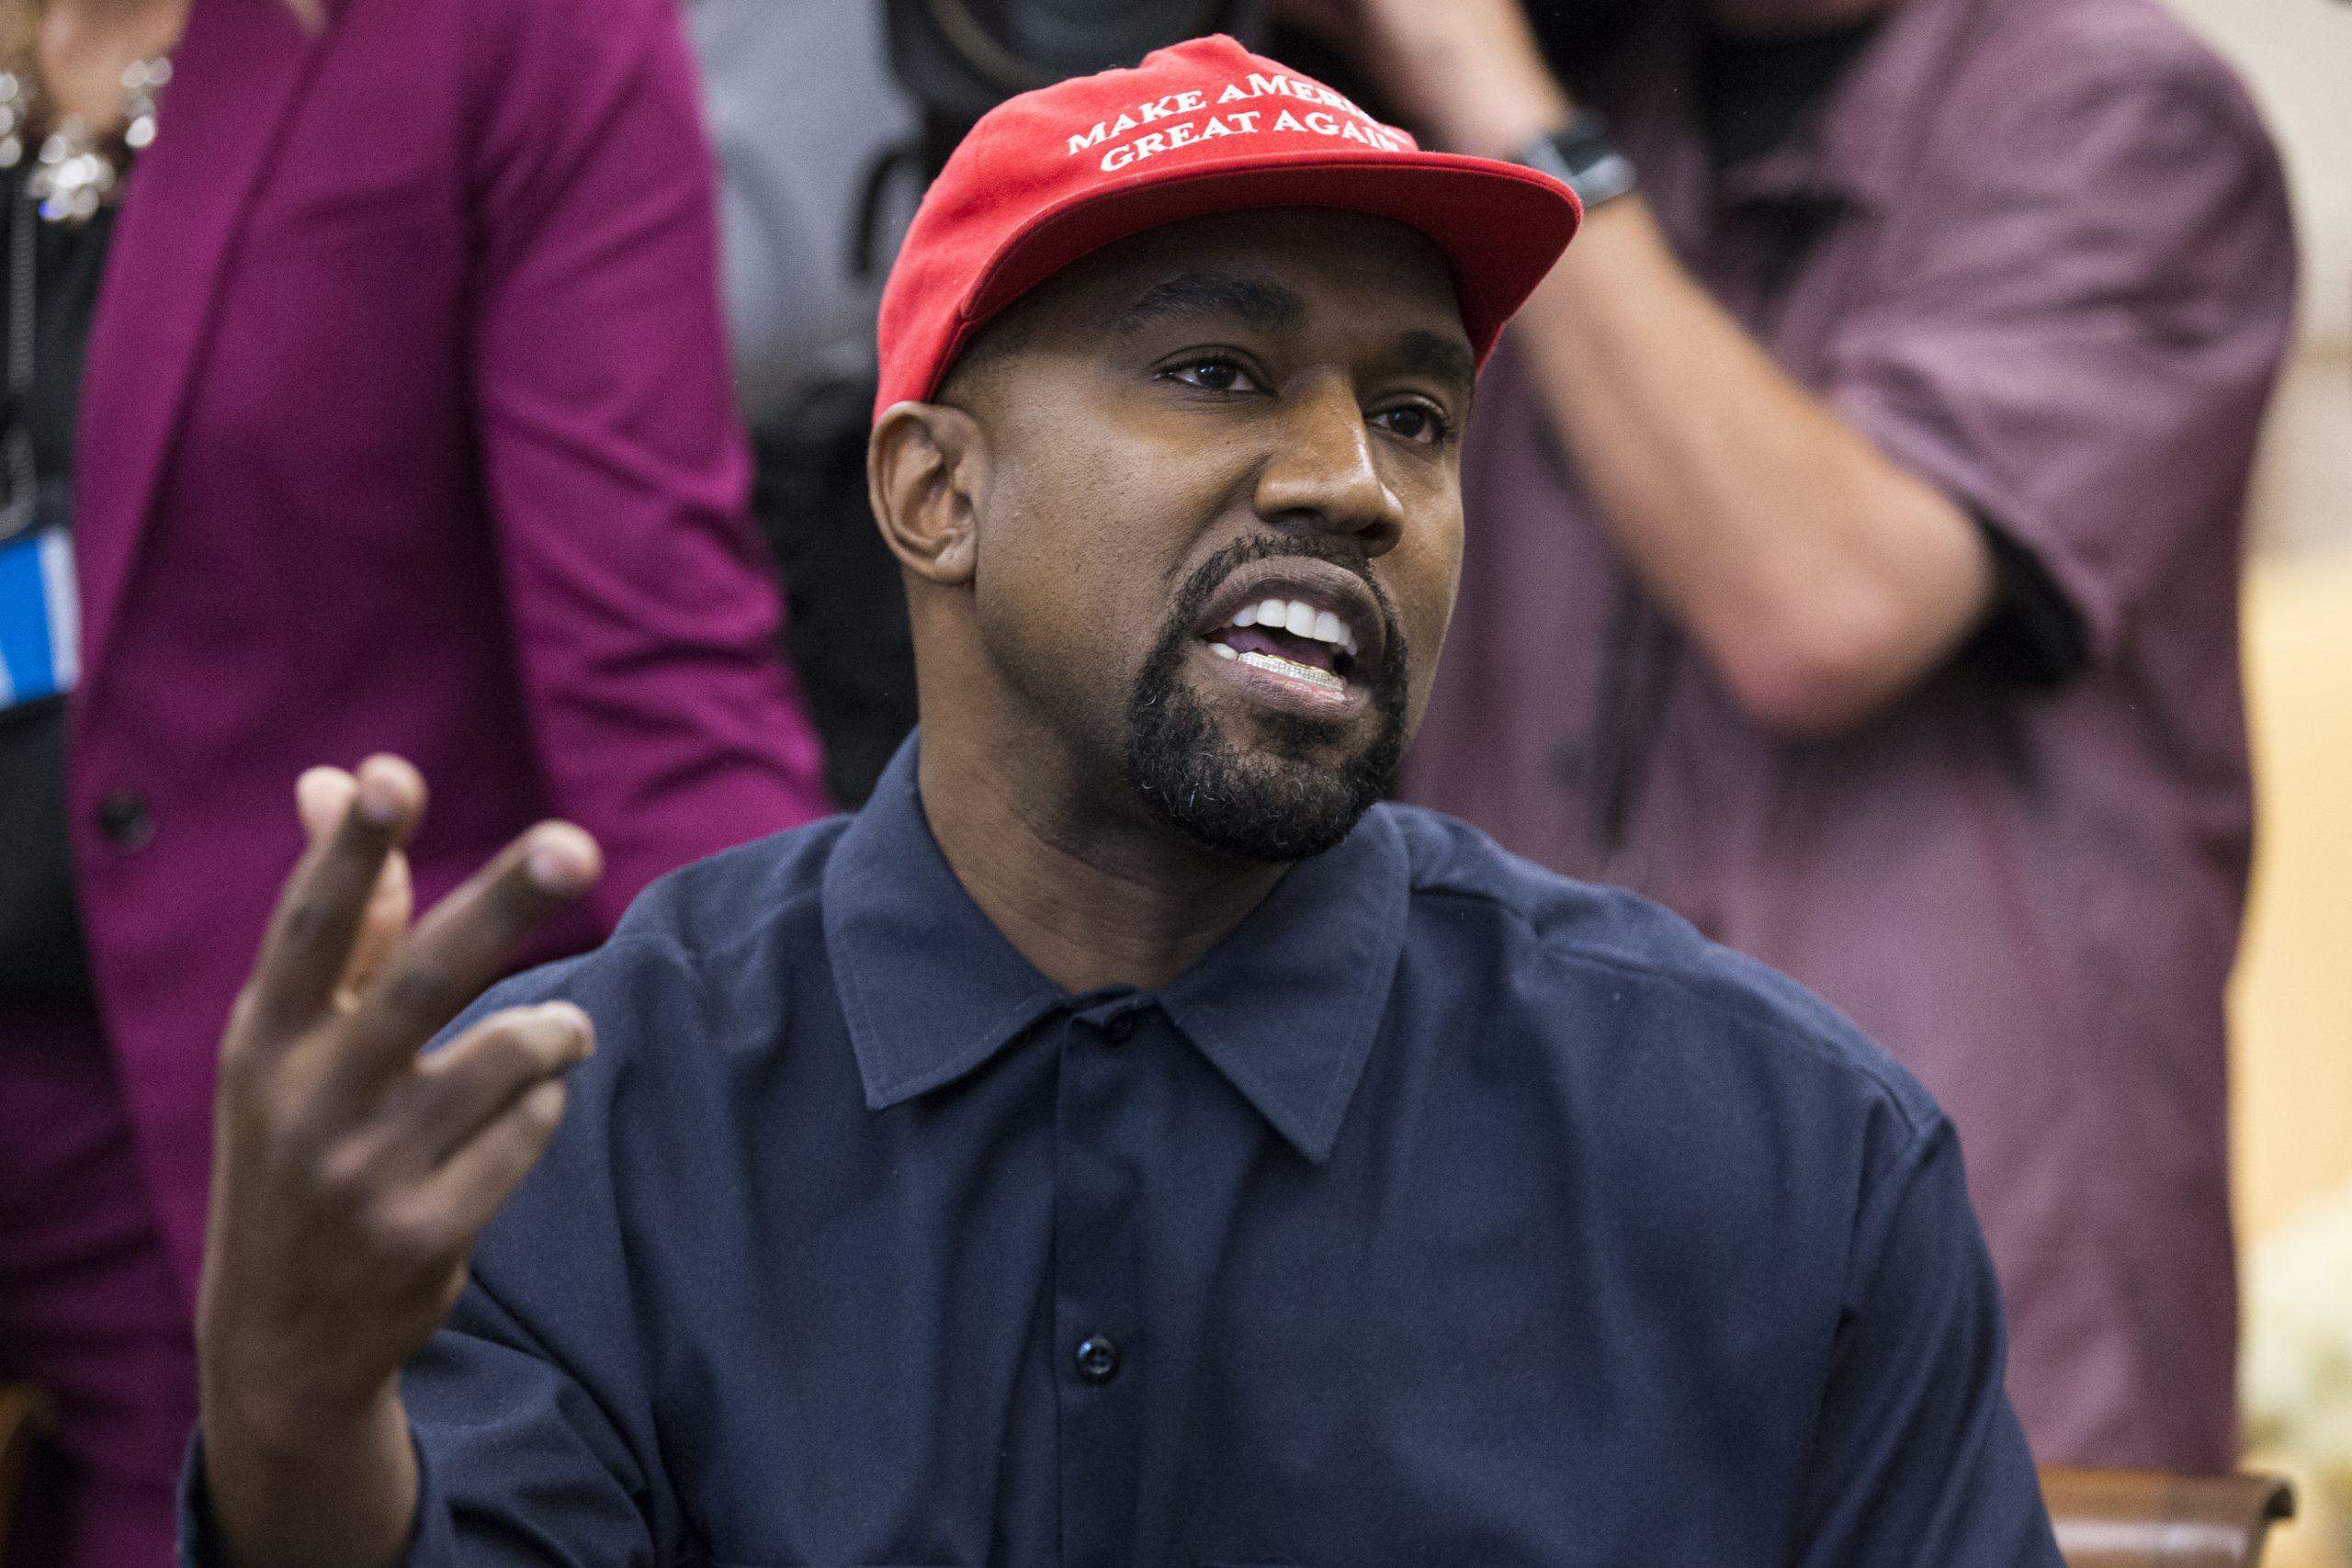 Kanye West cuenta con el 2% de las intenciones de voto para las elecciones presidenciales de EE.UU., de acuerdo a encuesta